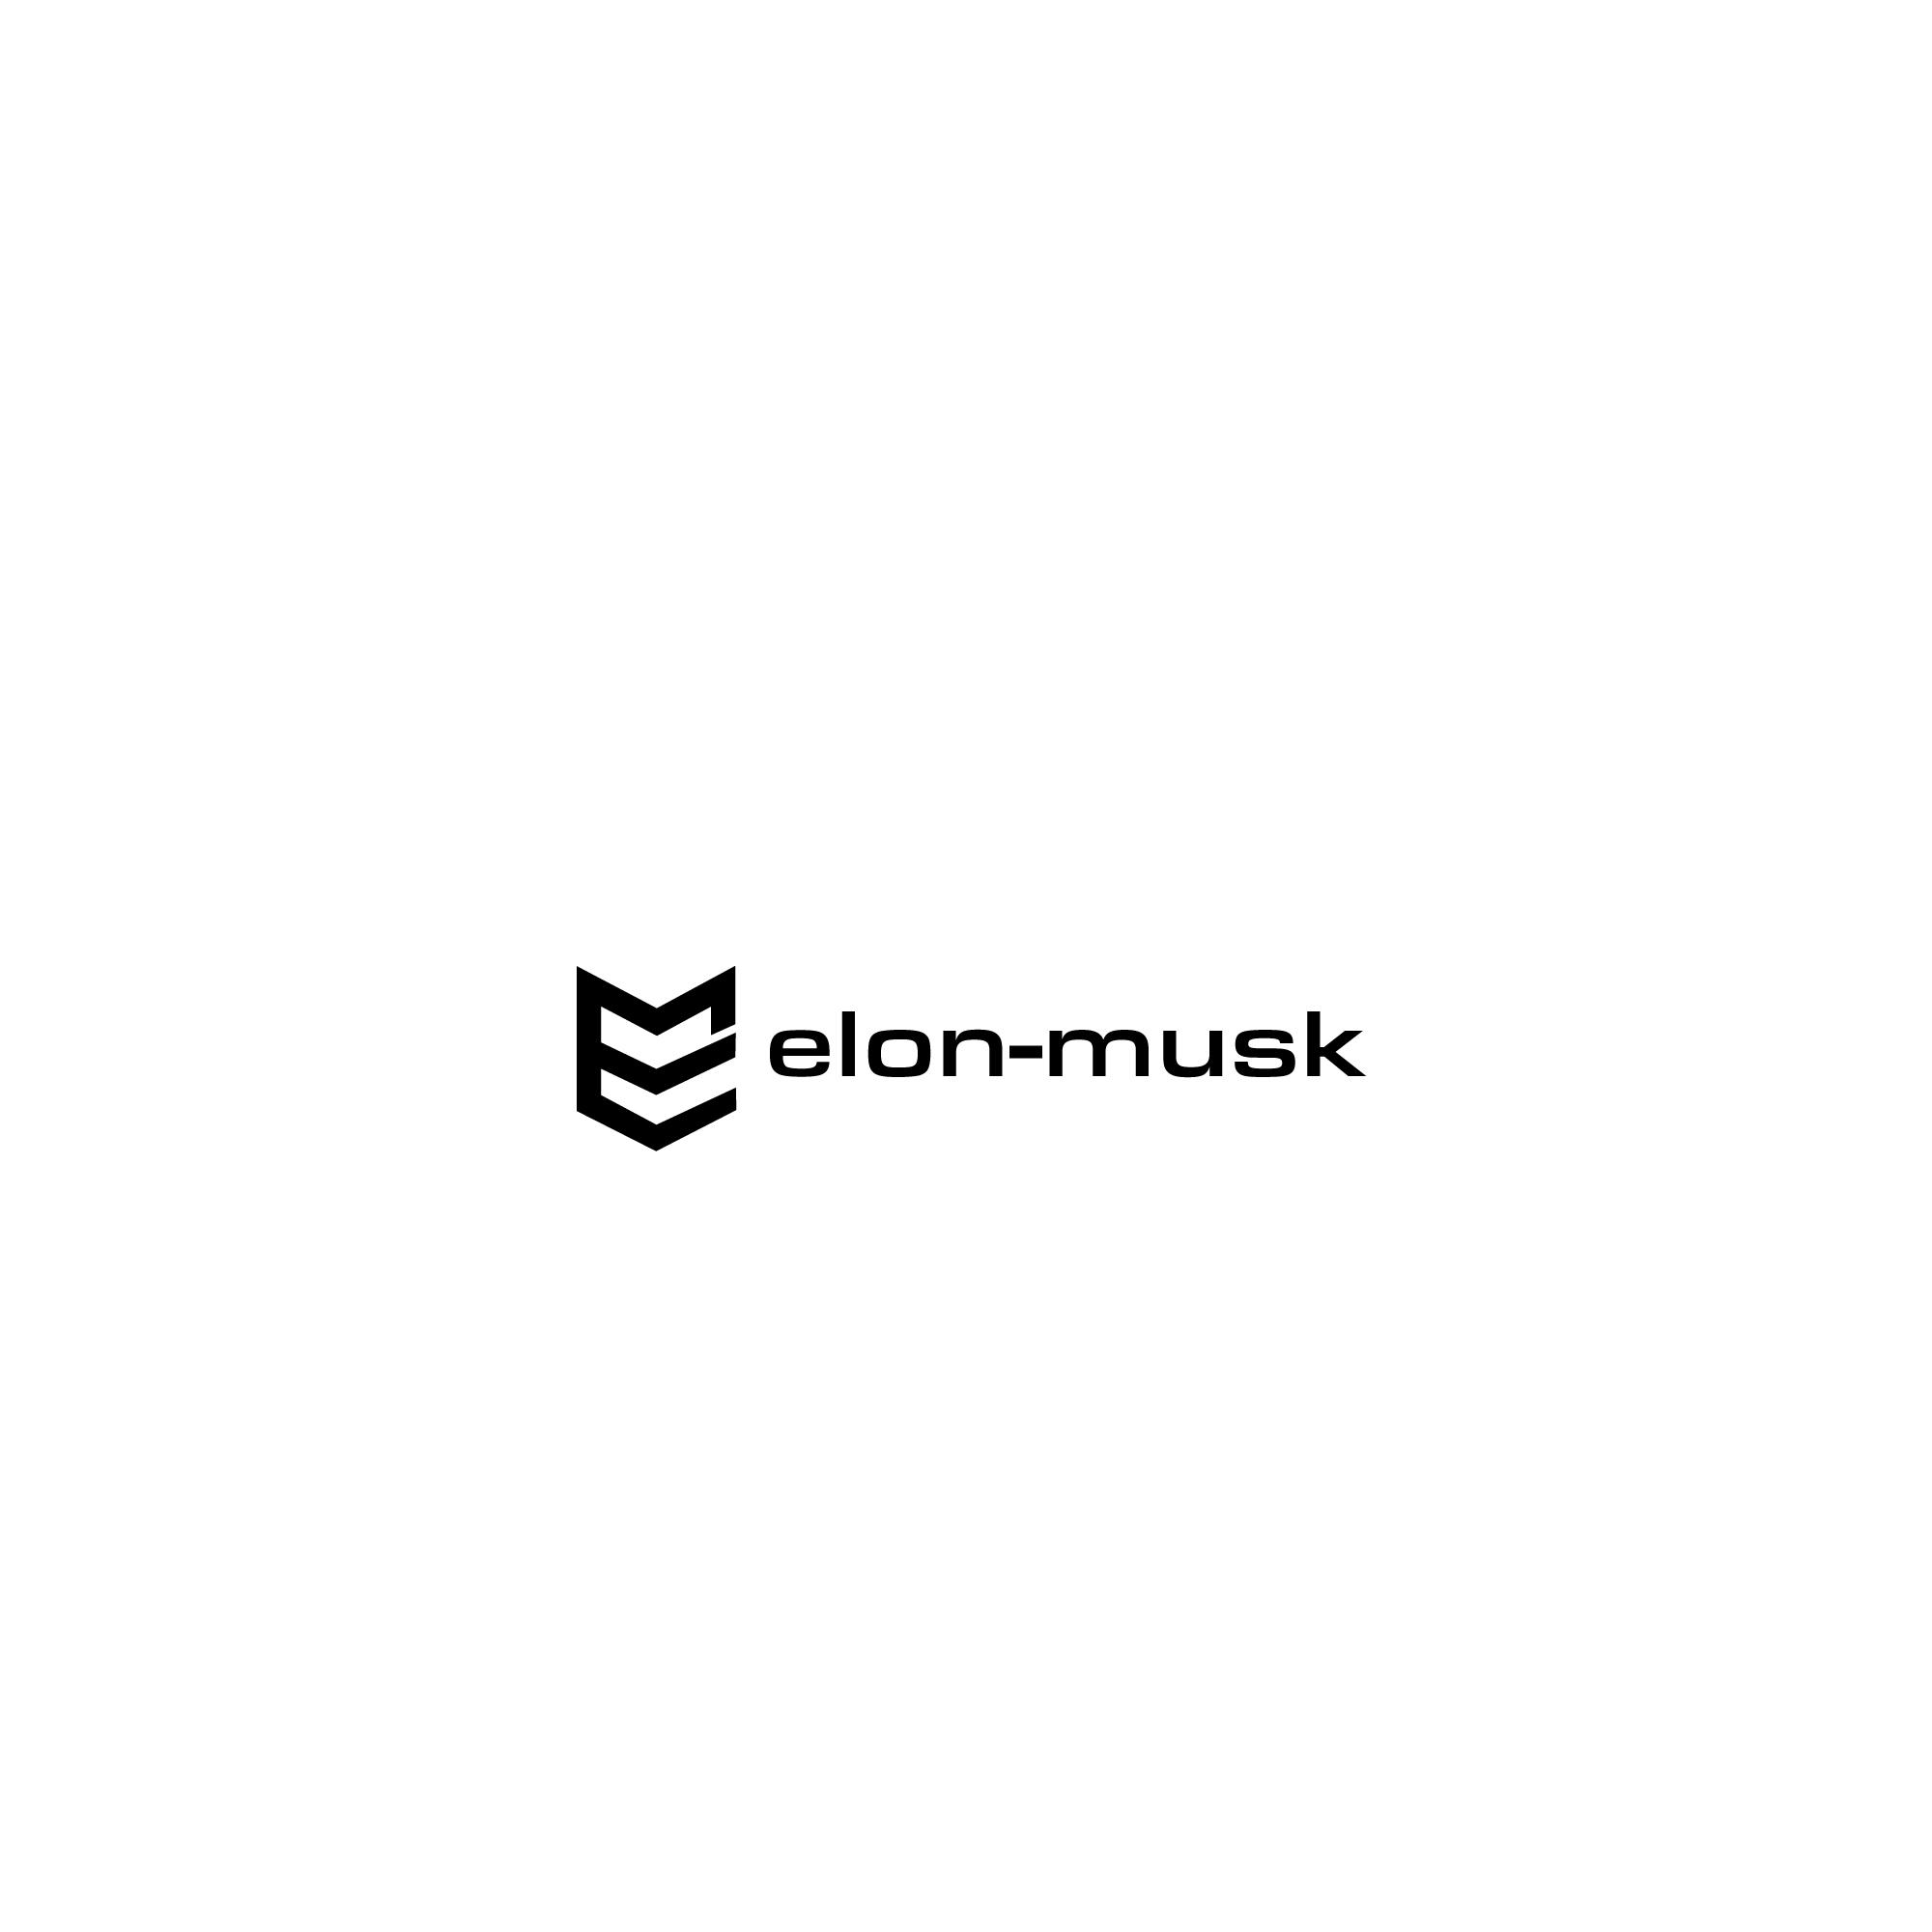 Логотип для новостного сайта  фото f_5165b7213736bf9a.jpg